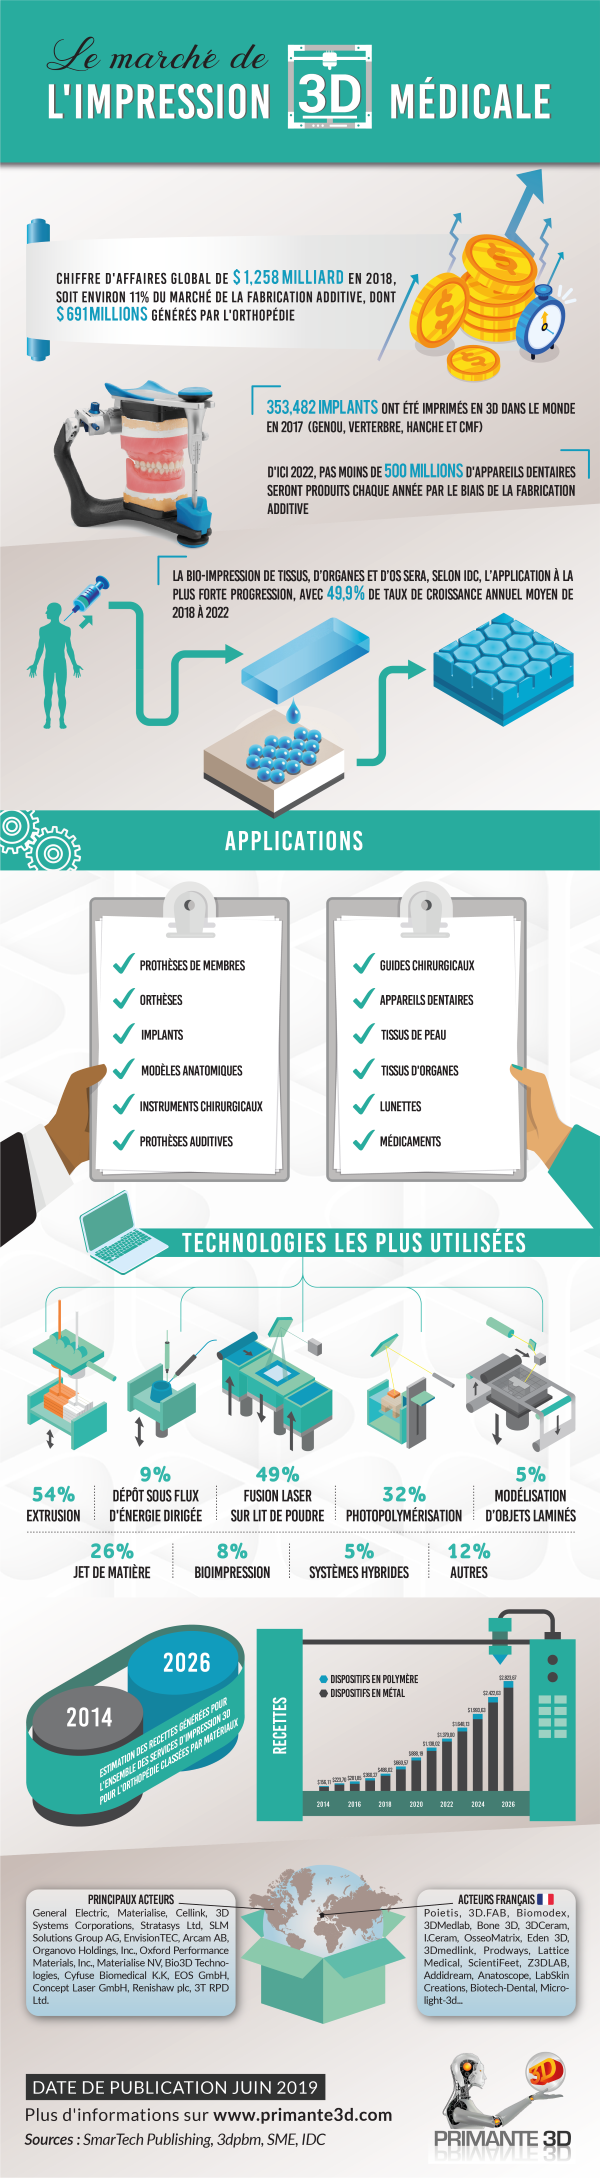 infographie sur le marché de l'impression 3D médicale